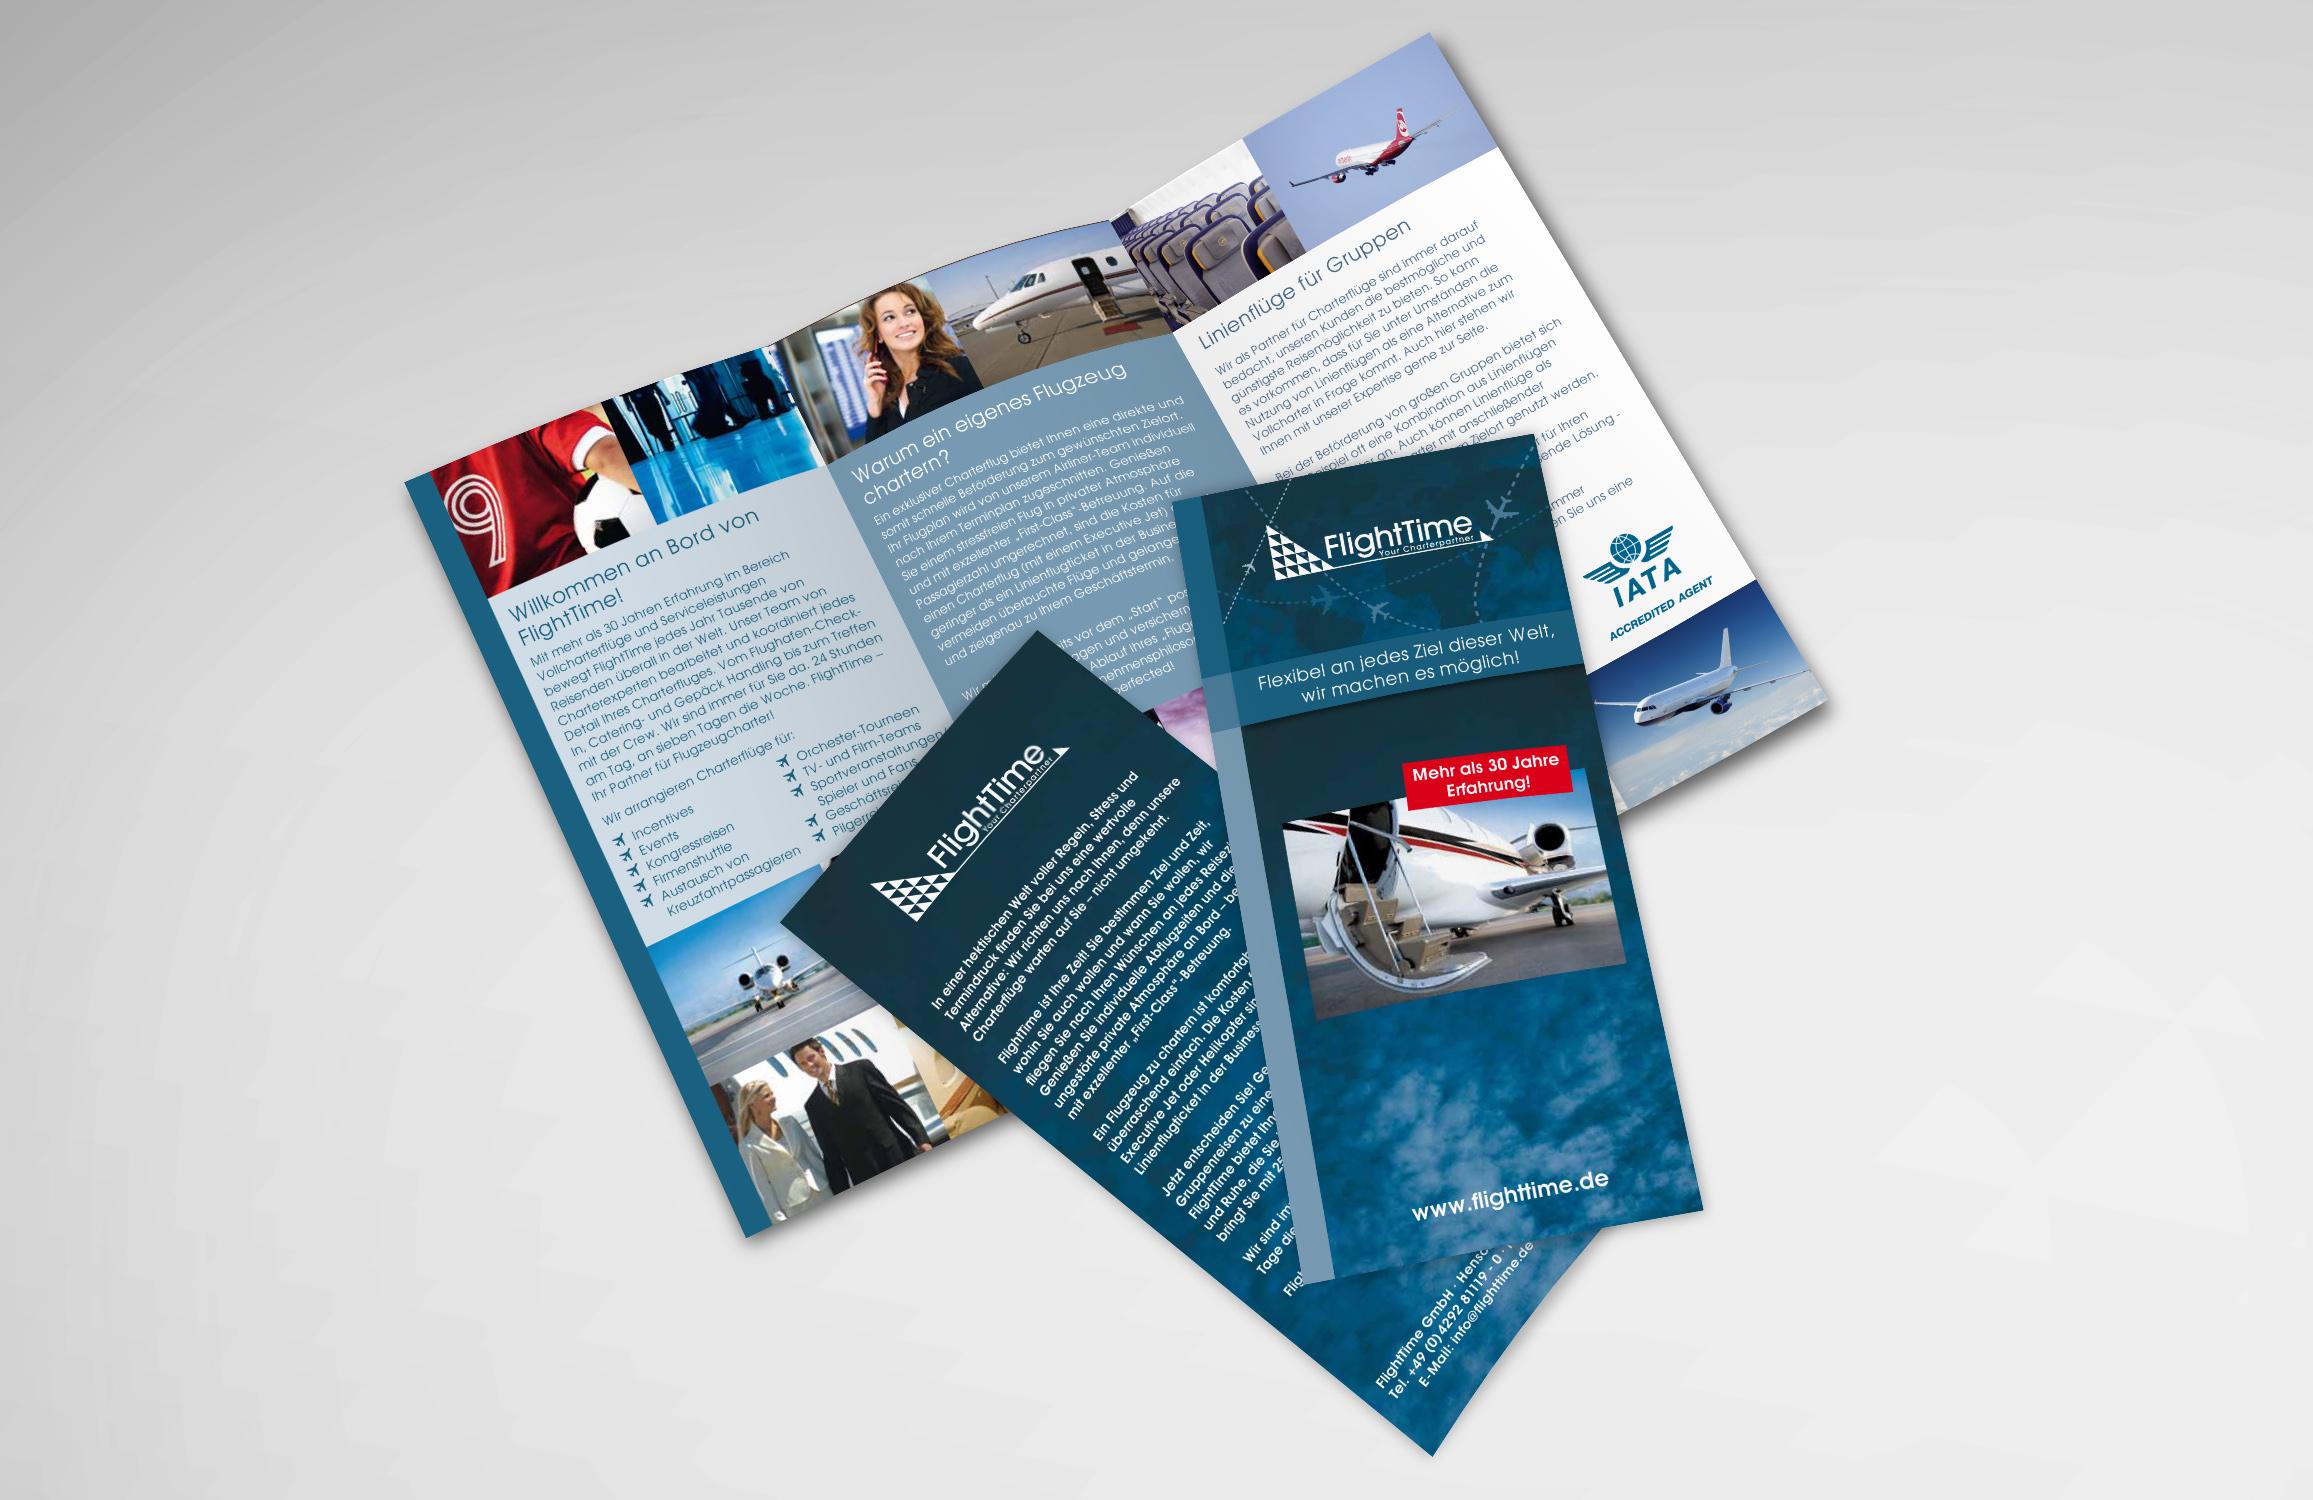 Flyerabbildung Flighttime GmbH in Ritterhude